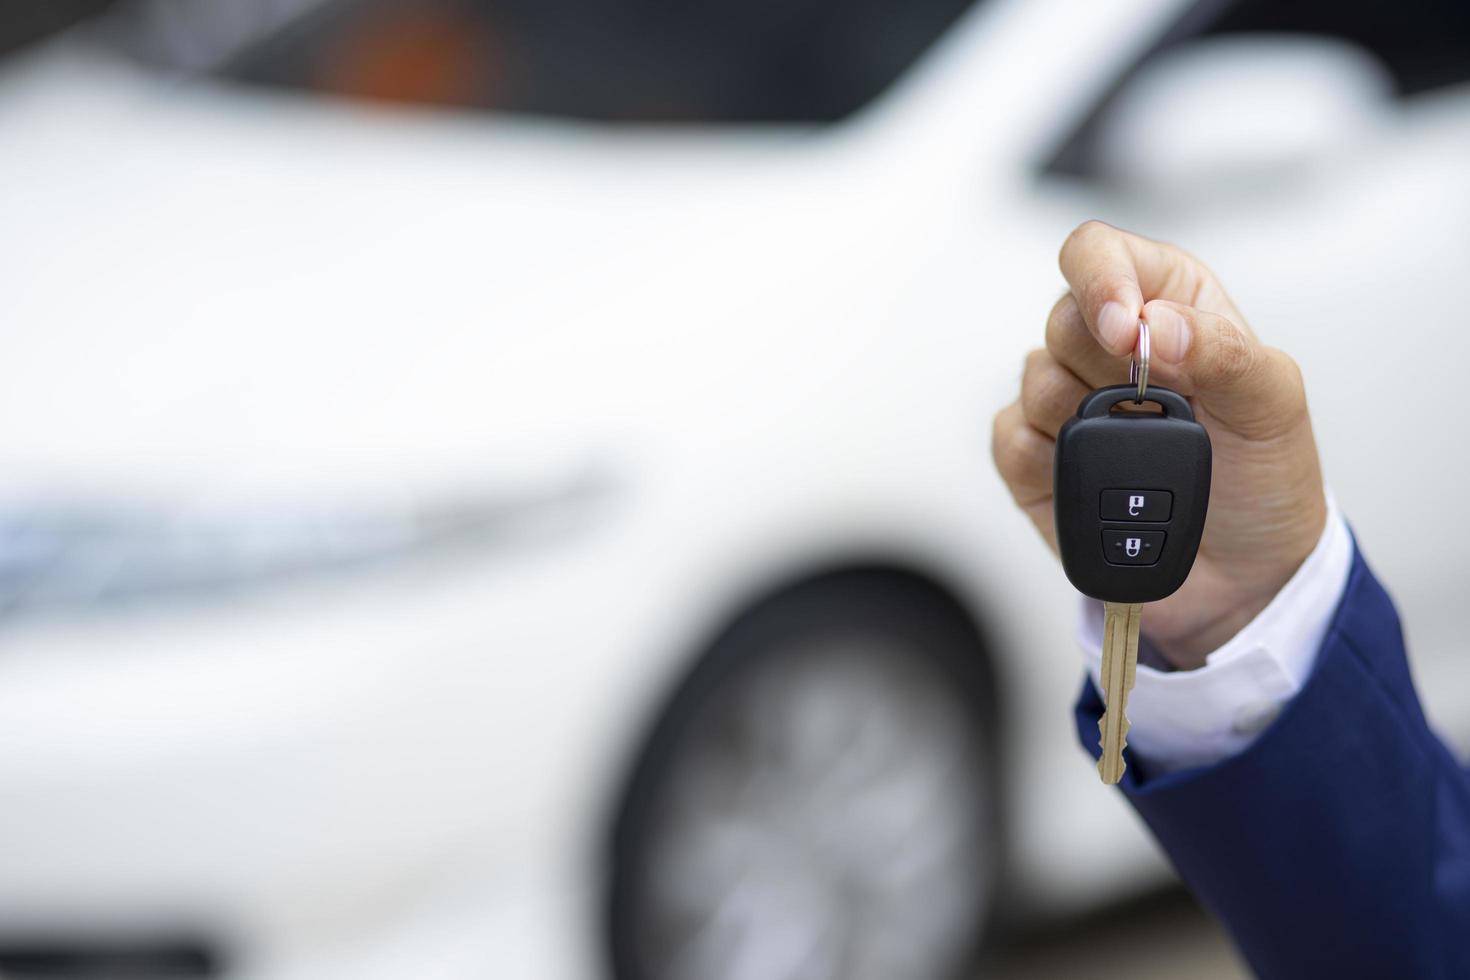 pessoa segurando as chaves do carro foto